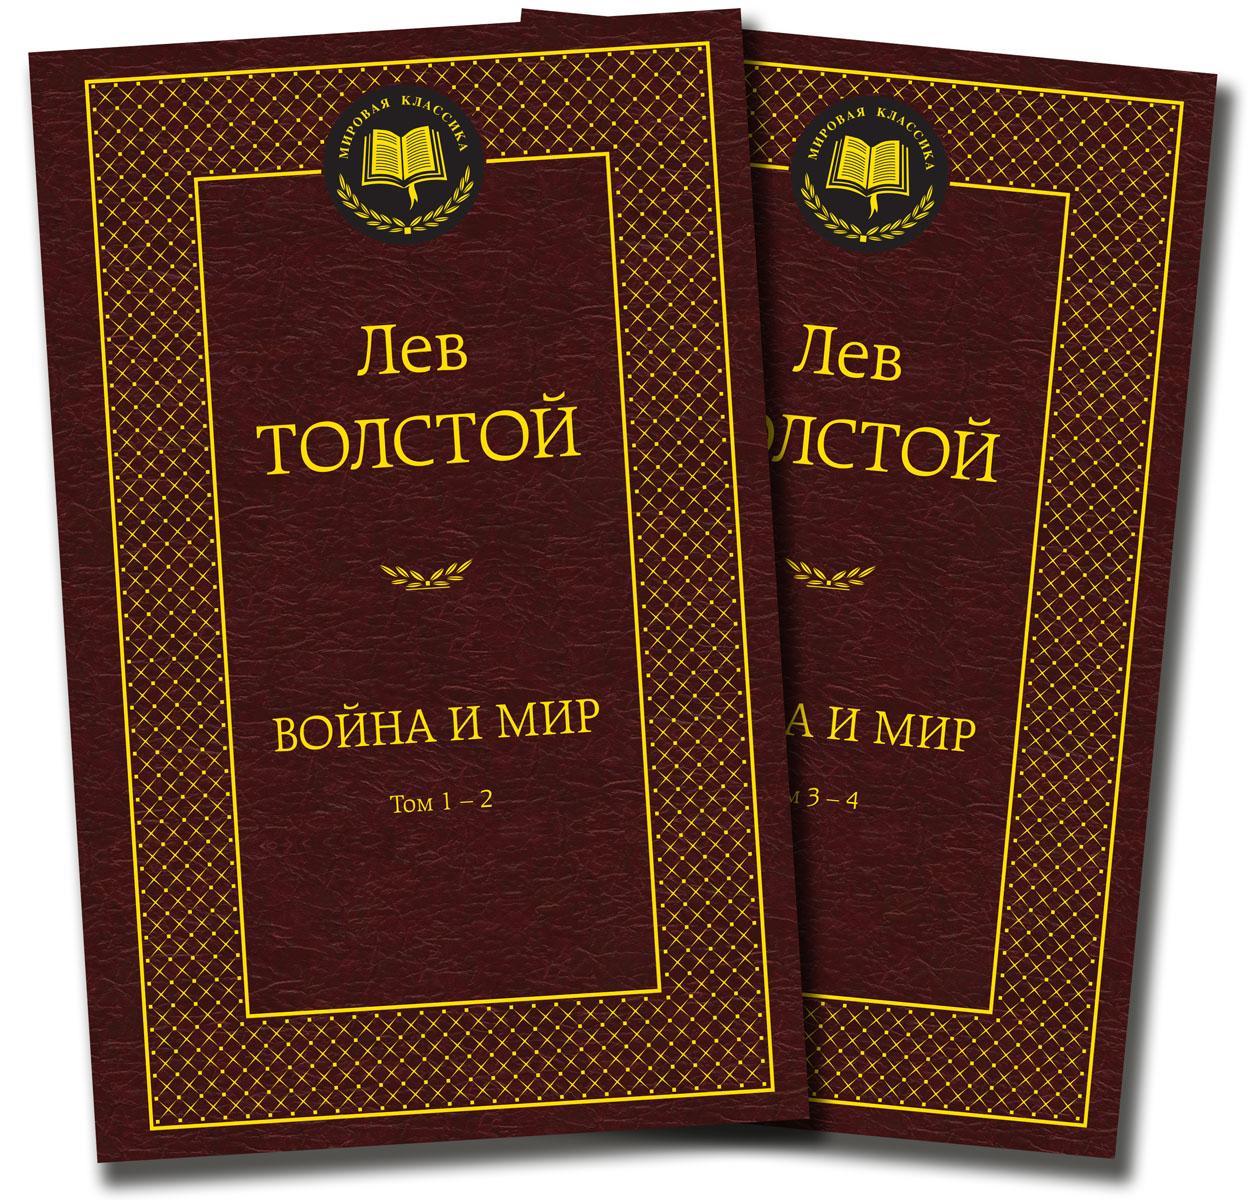 Лев Толстой Война и мир (комплект из 2 книг) лев толстой война и мир тома 1 и 2 в сокращении